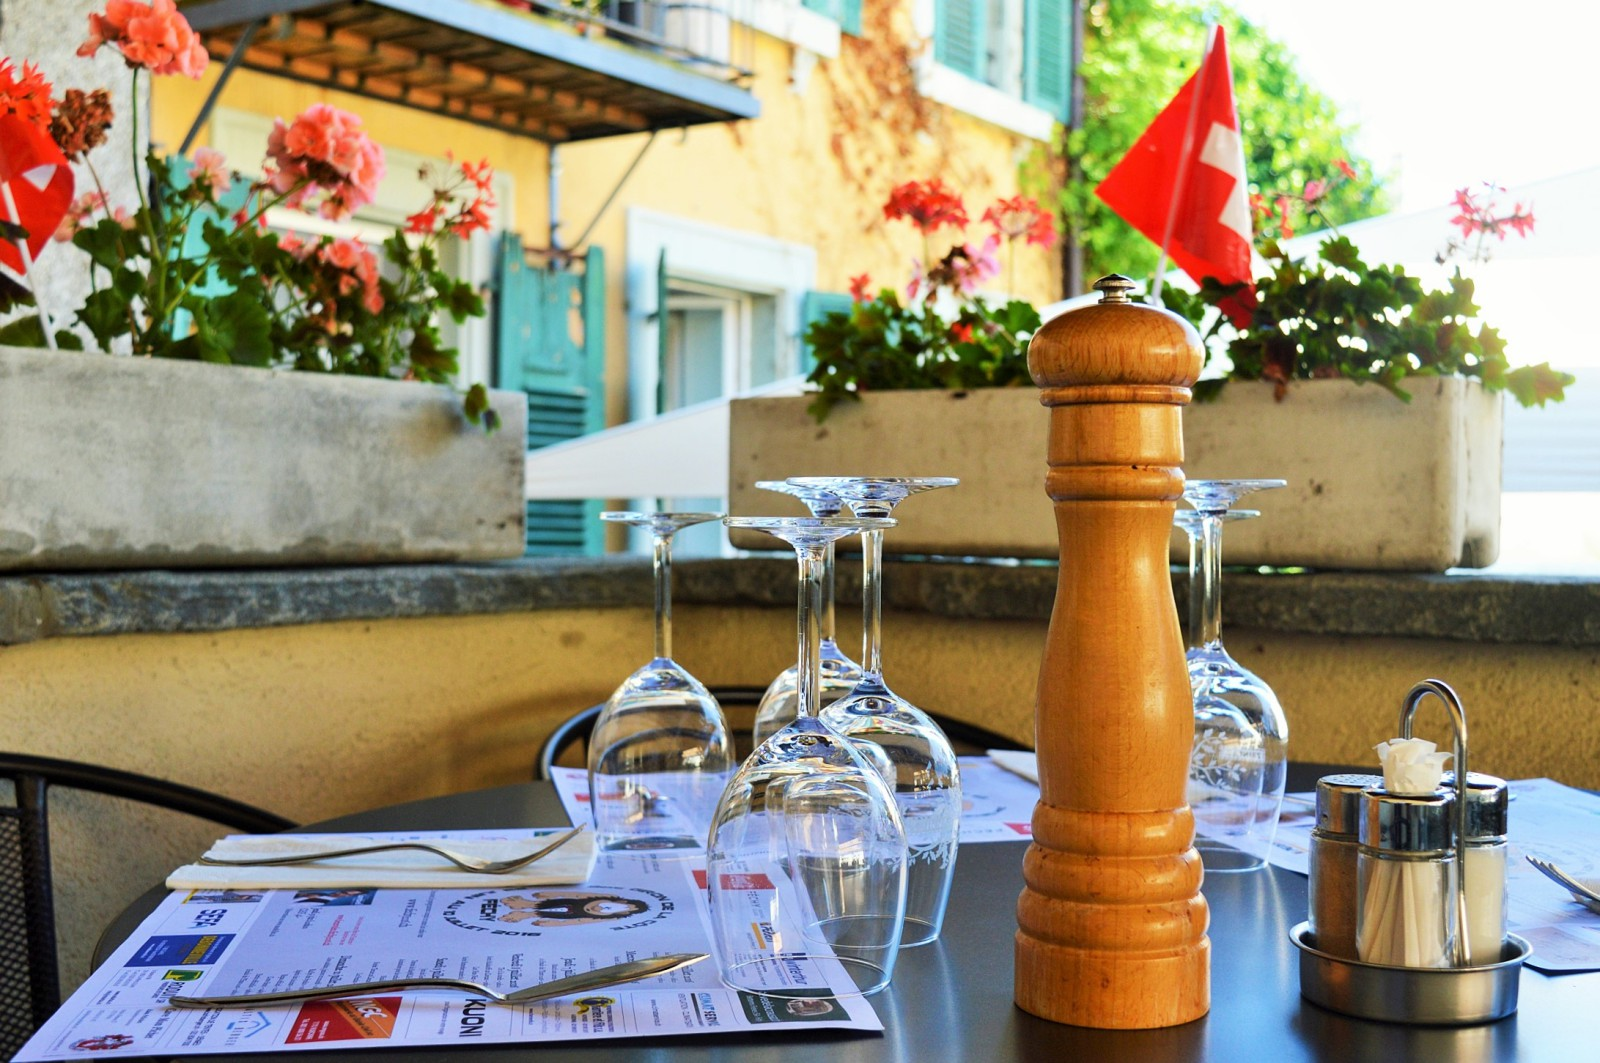 Restaurant amoureux calme morges